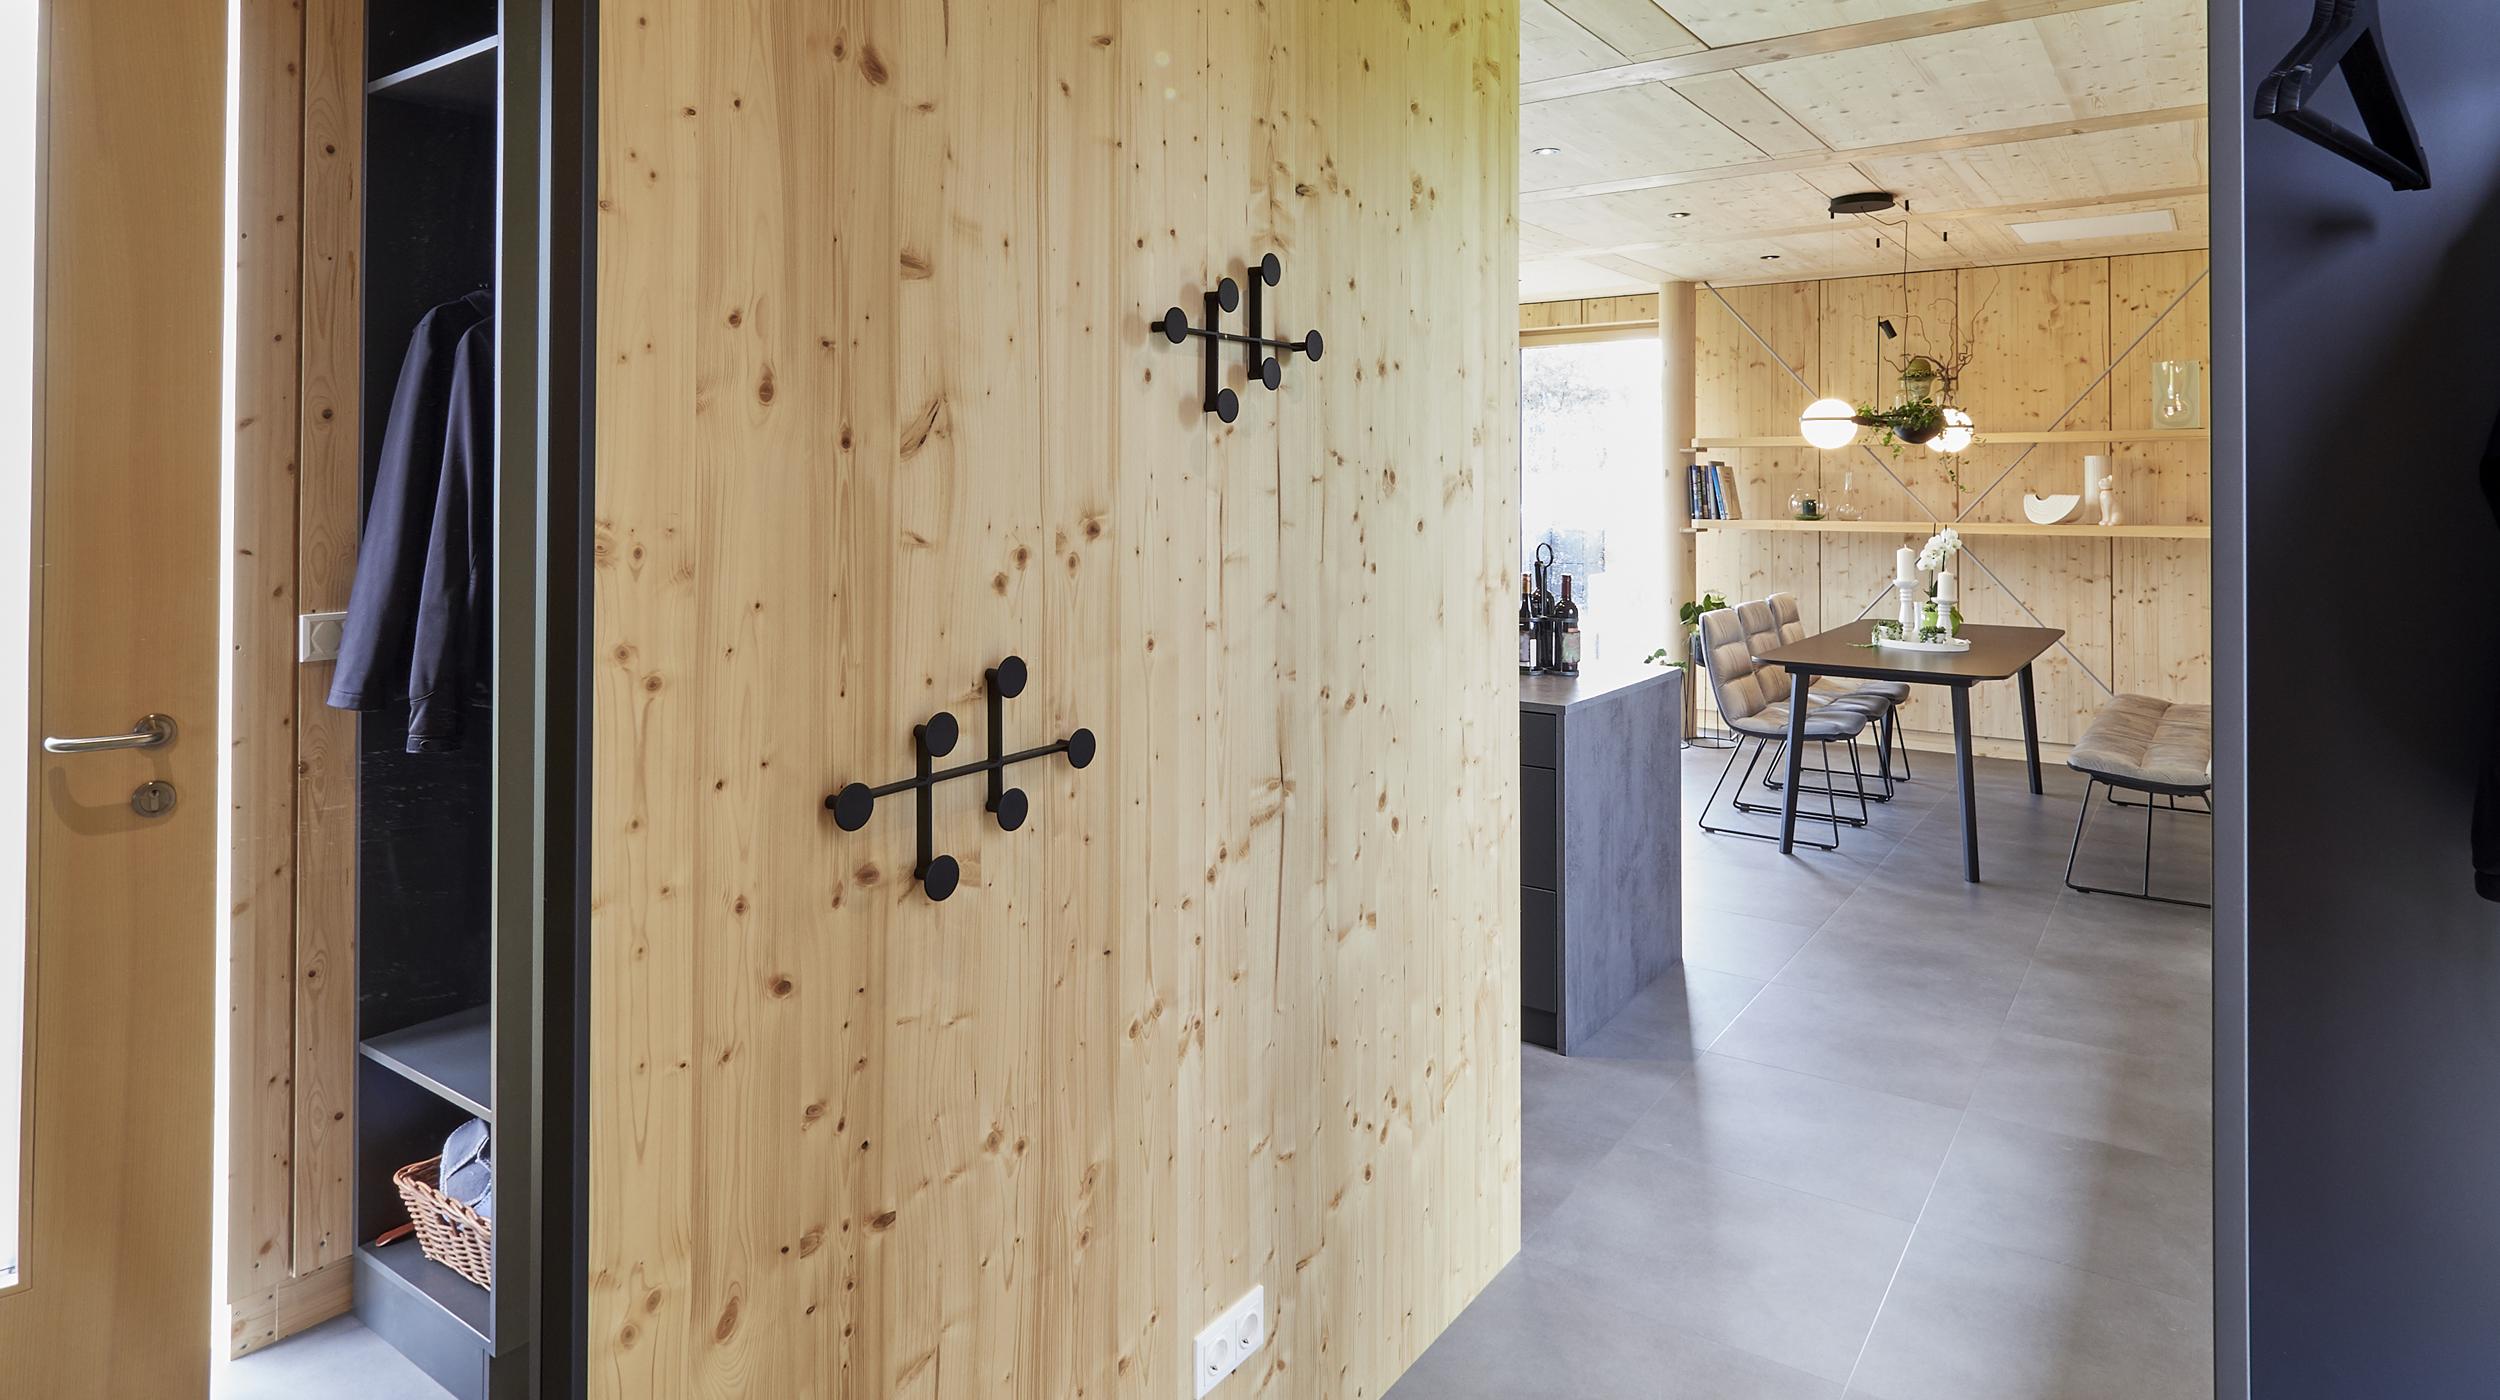 ZiKK 2.0 Musterhaus Vitis - Blick von der Haustüre in die Wohnküche